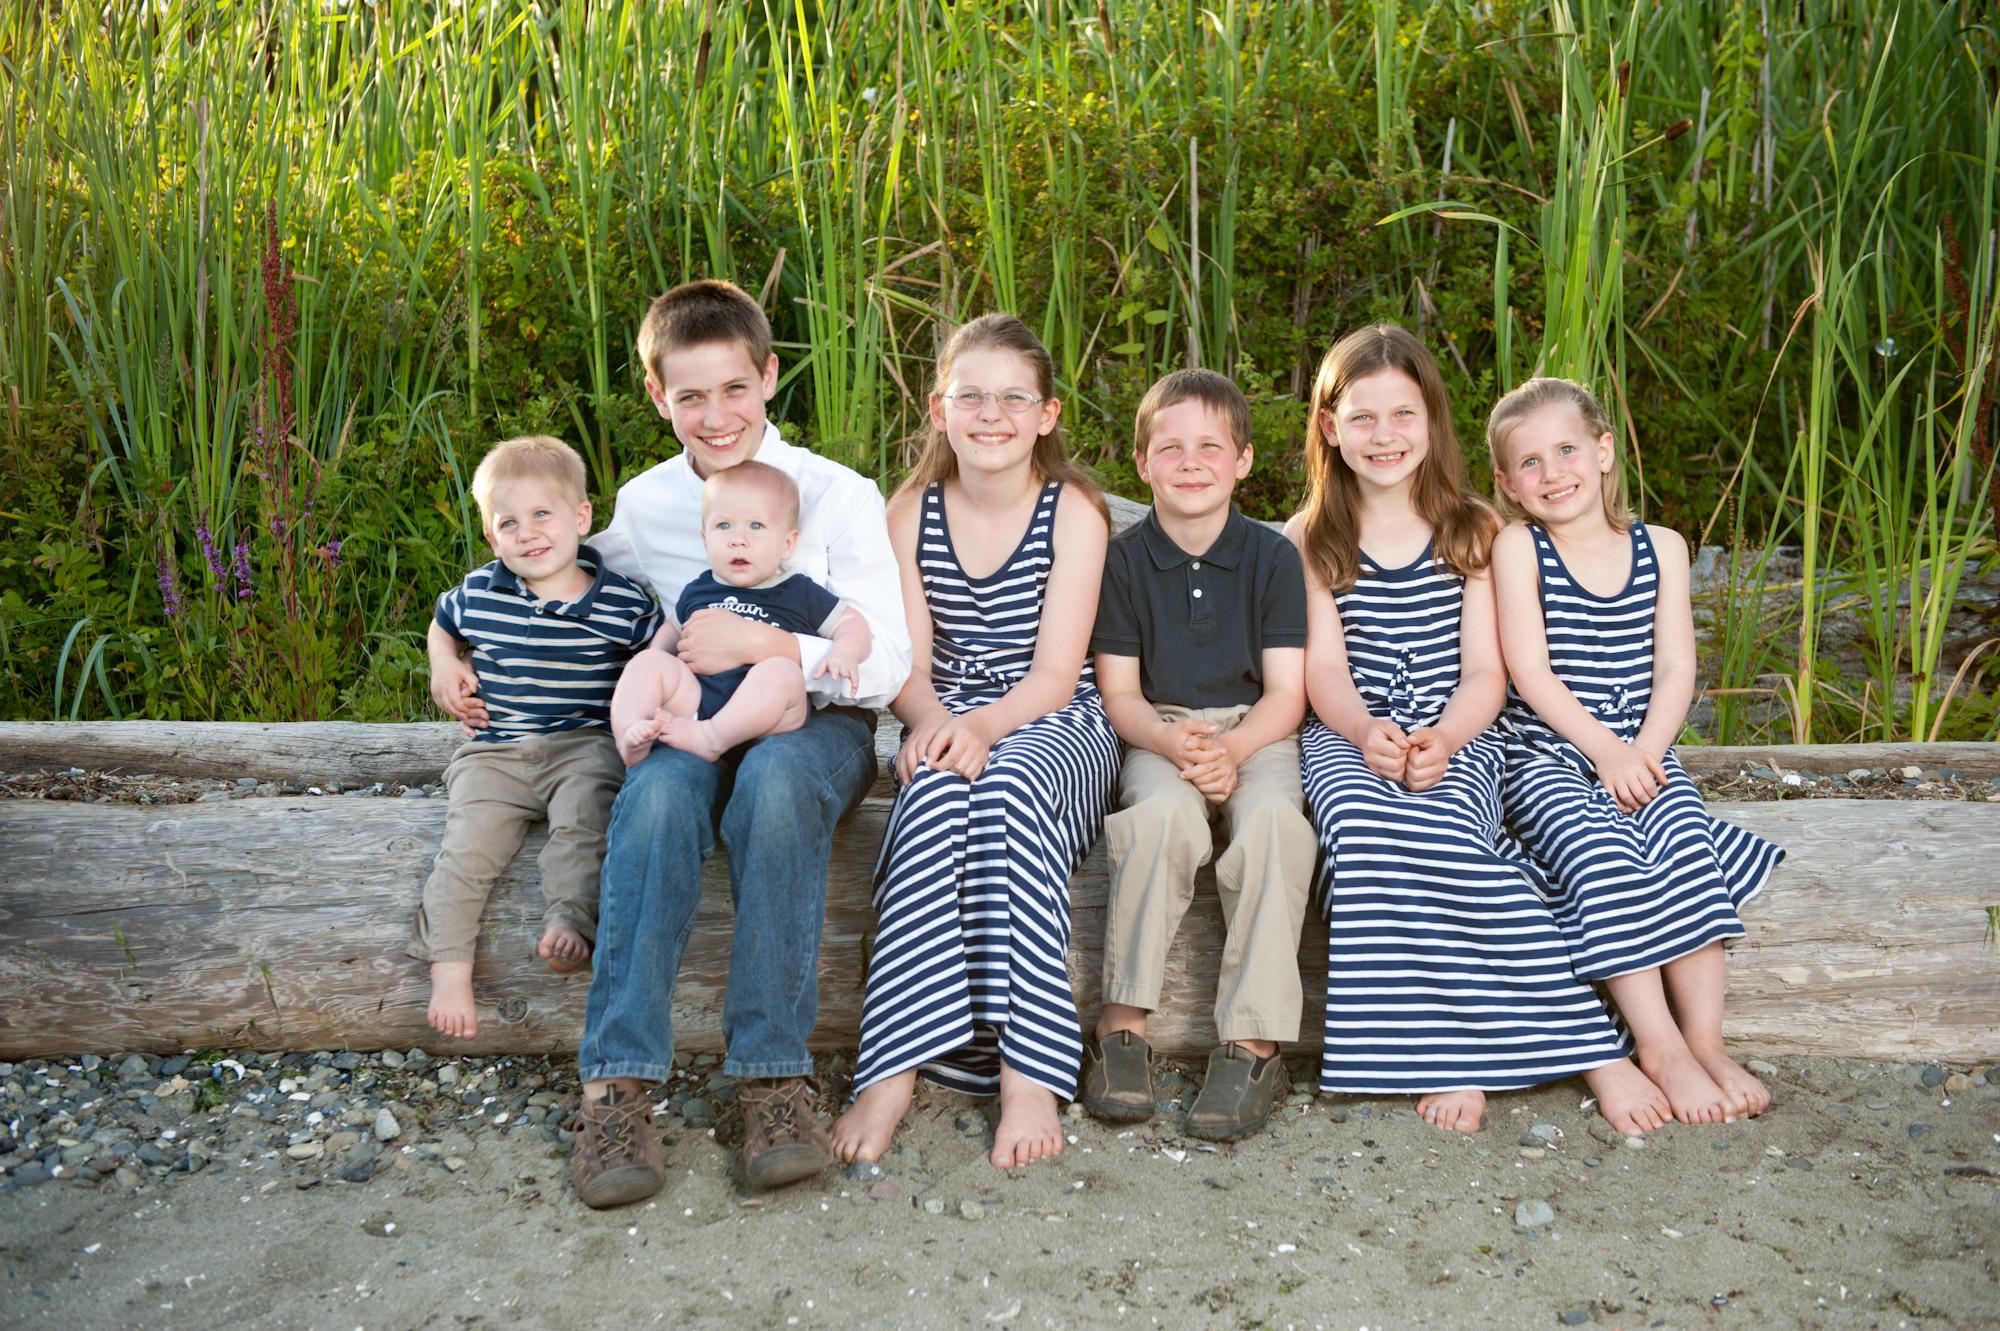 group photo ideas on the beach - Family Beach Clothing Ideas